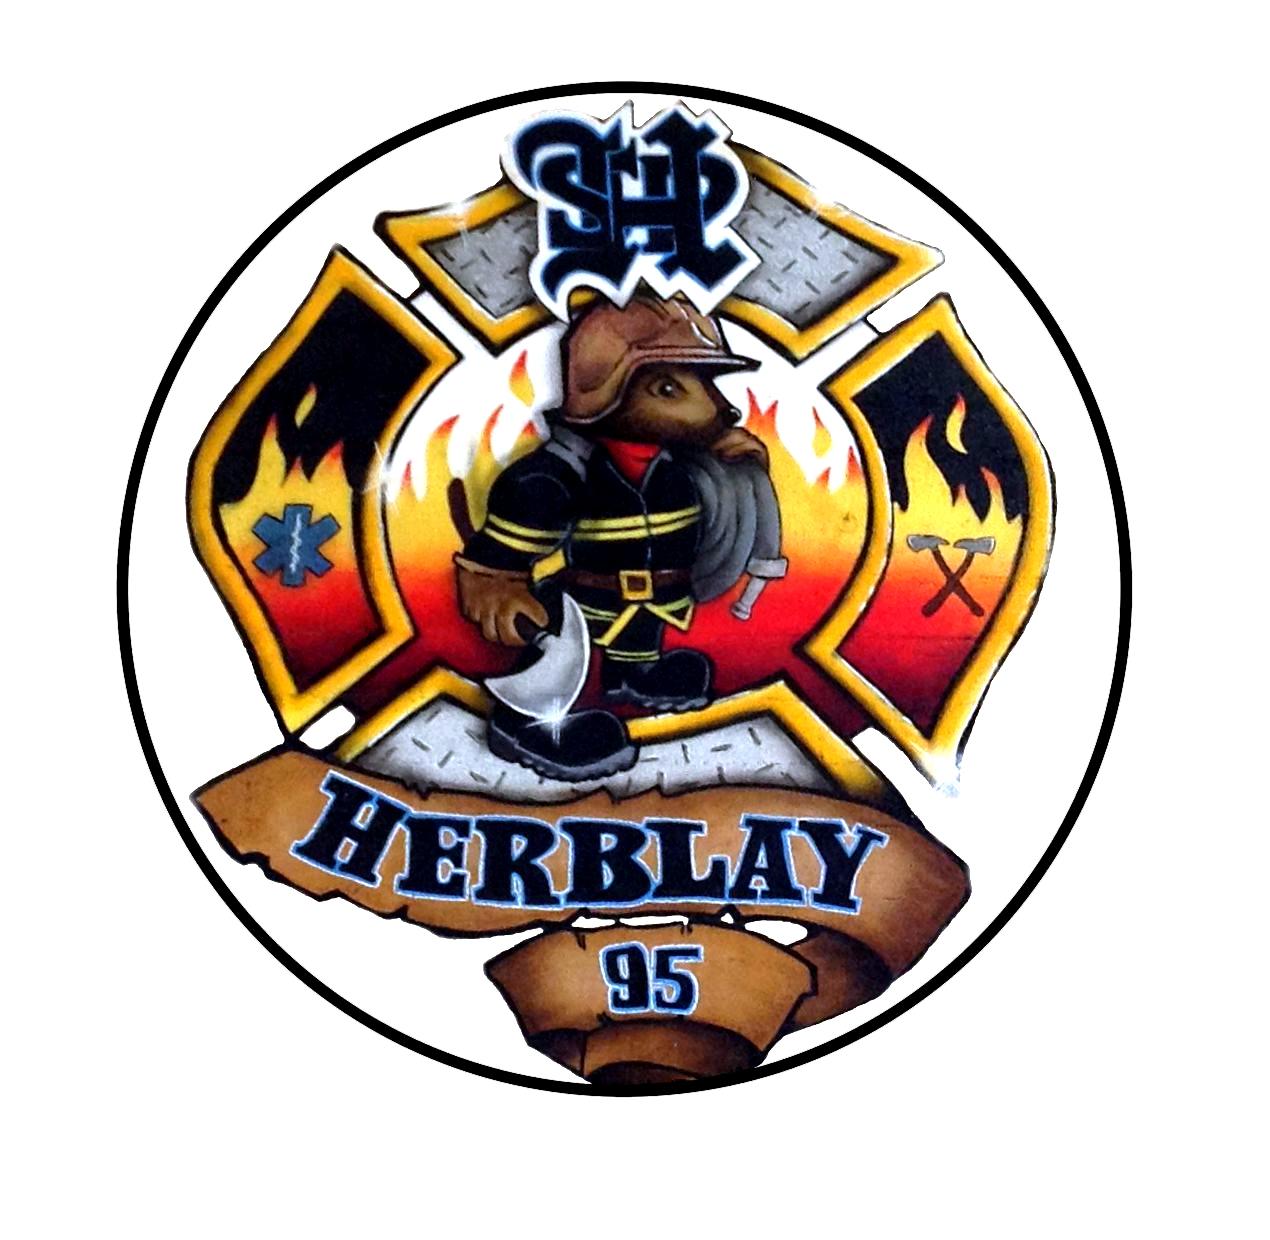 Faire un don à Amicale des sapeurs pompiers d'Herblay